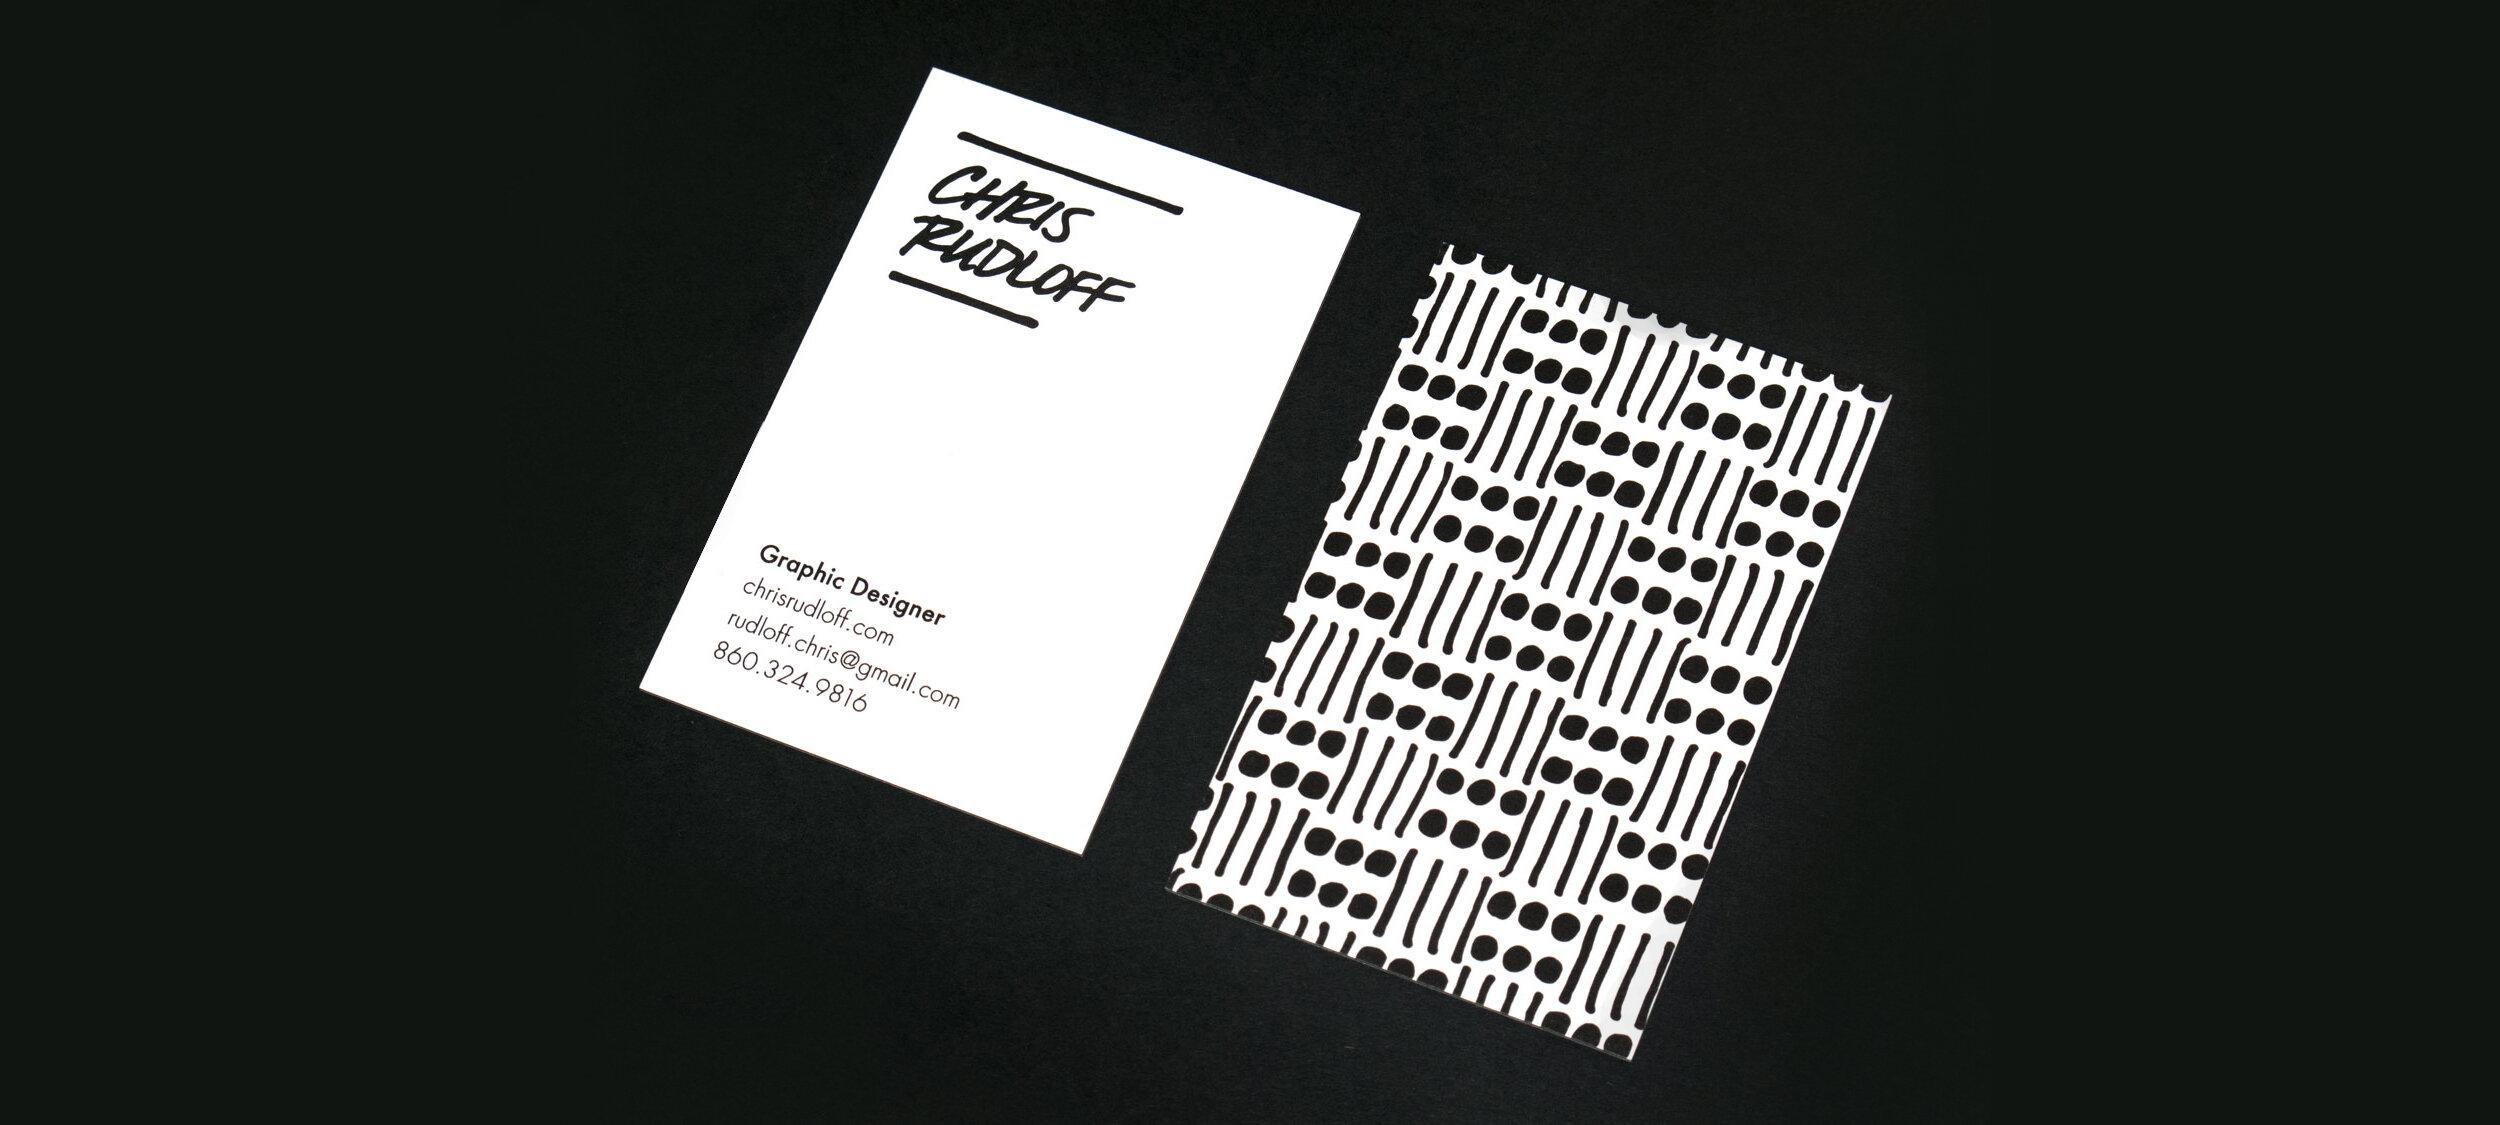 Cards-FrontBack-Wide.jpg